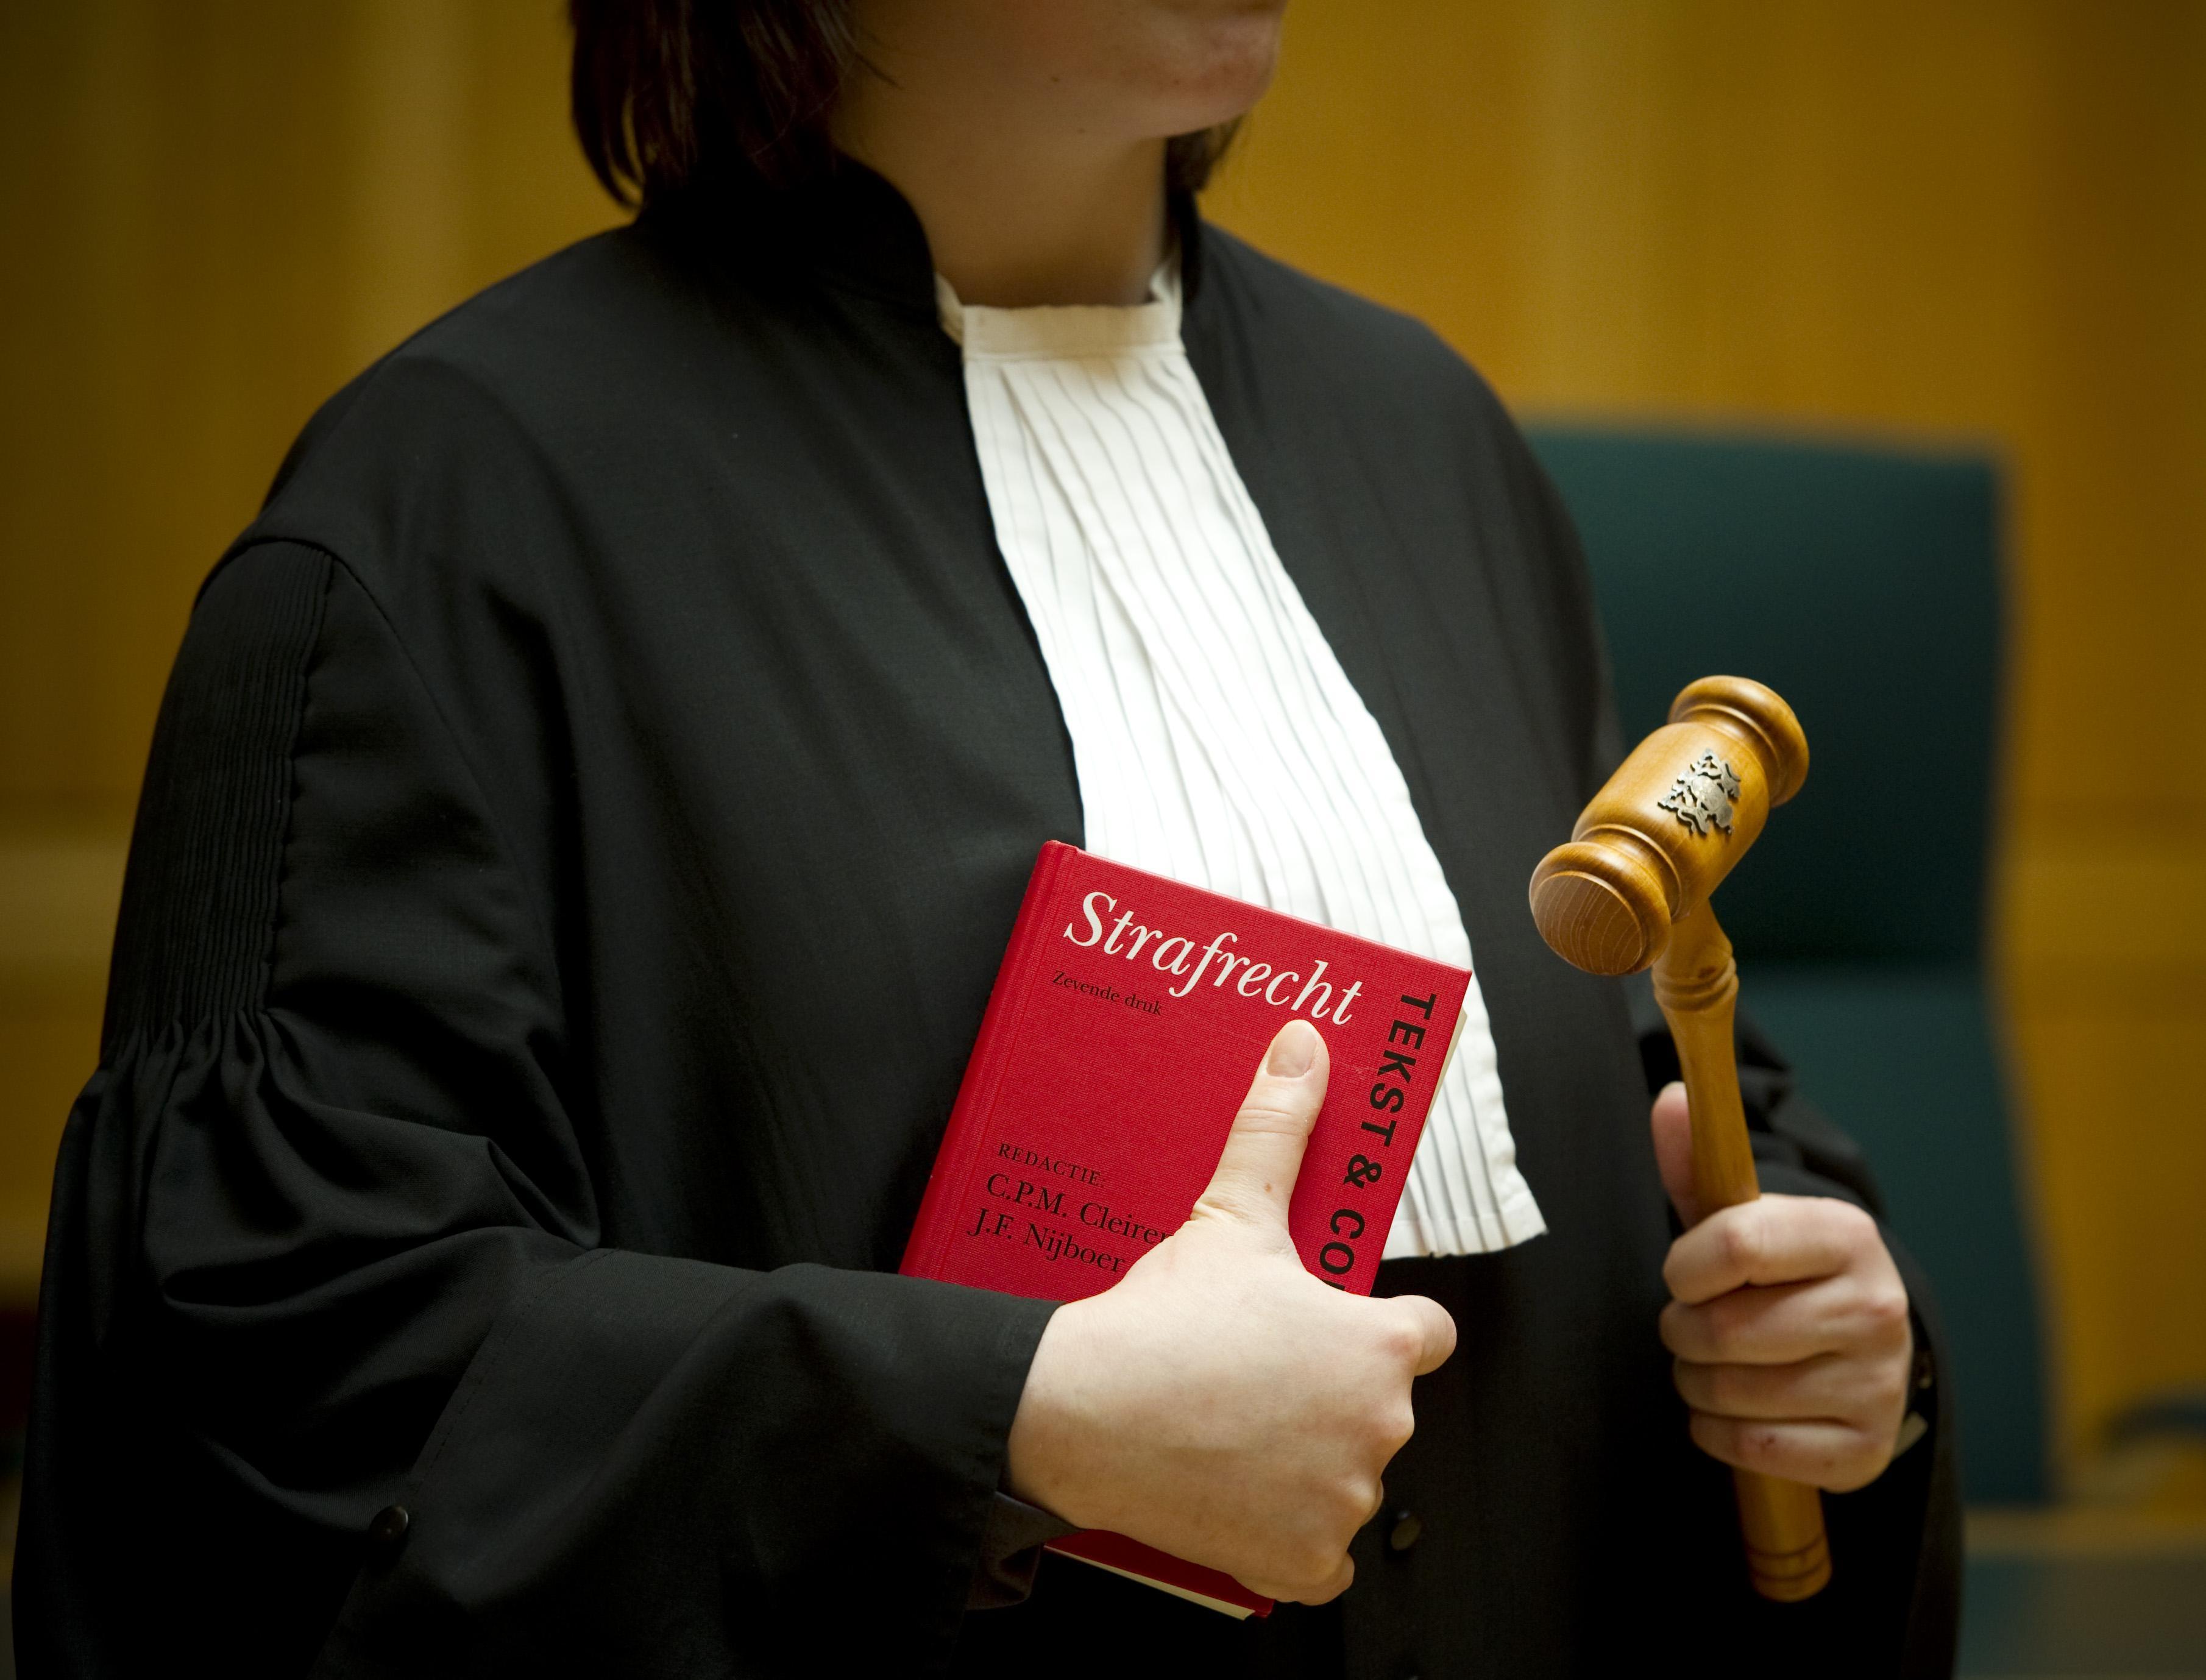 Hillegomse leerkracht (51) krijgt celstraf en beroepsverbod vanwege ontucht met 15-jarige leerling op vmbo-school